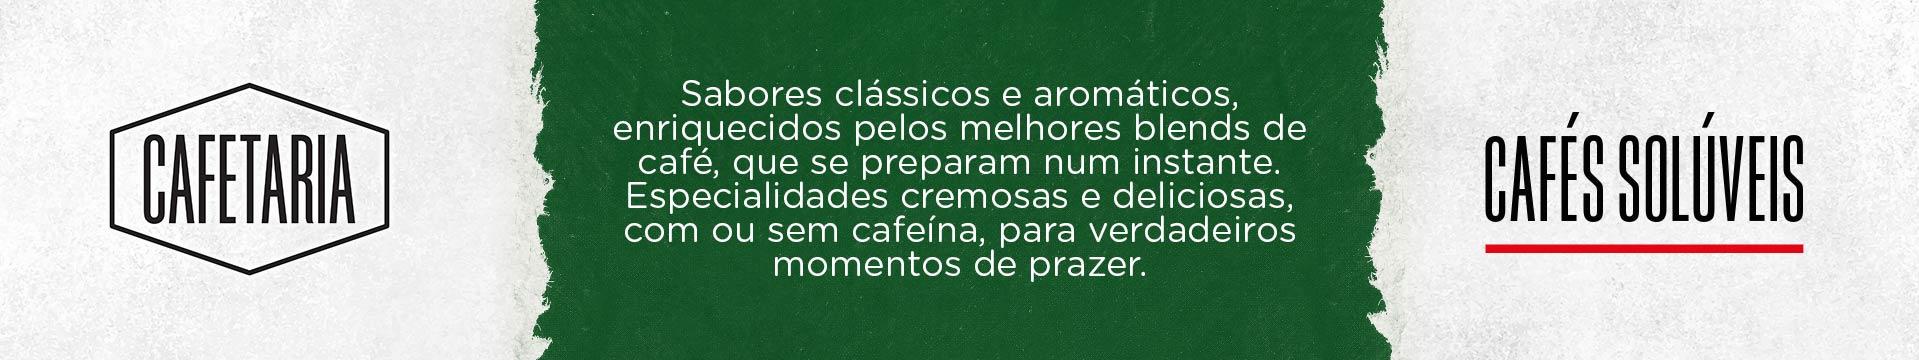 Cafés Solúveis Nestlé